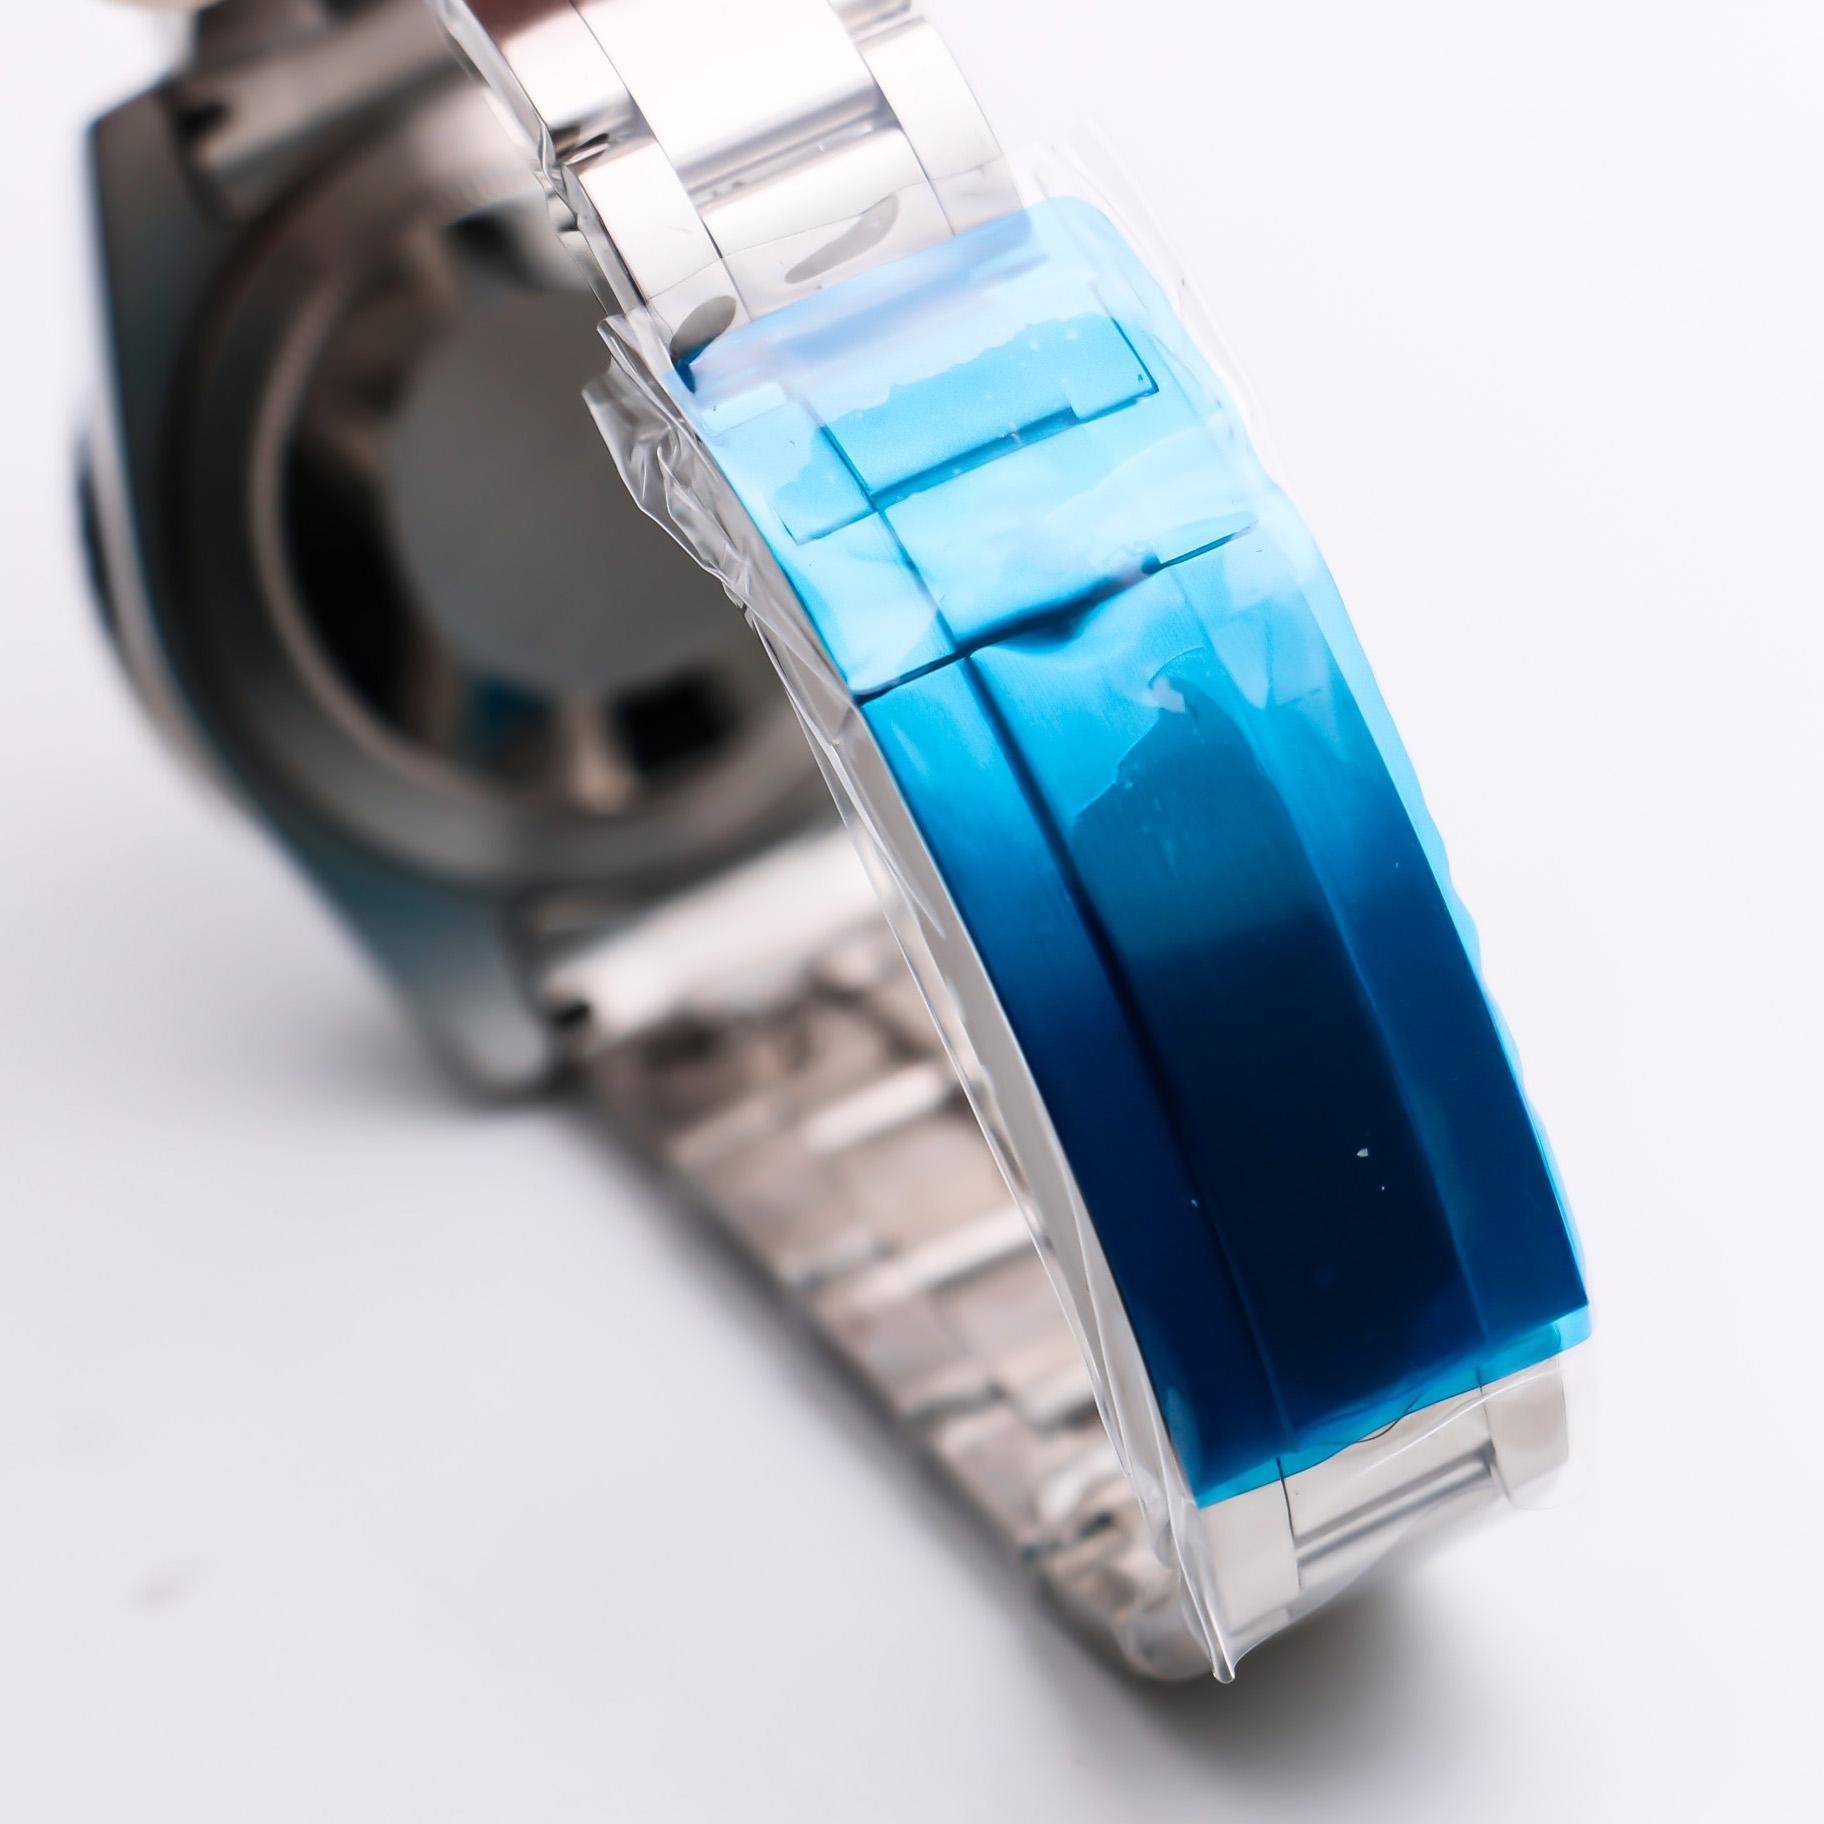 GD2813 relógio automático Sub grande Data de Ouro Branco Data Preto 40mm Marca Limitada Mens de Pulso Pulso De Pulso De Cerâmica De Aço Inoxidável Homens Markers Oyster Pulseira 116610